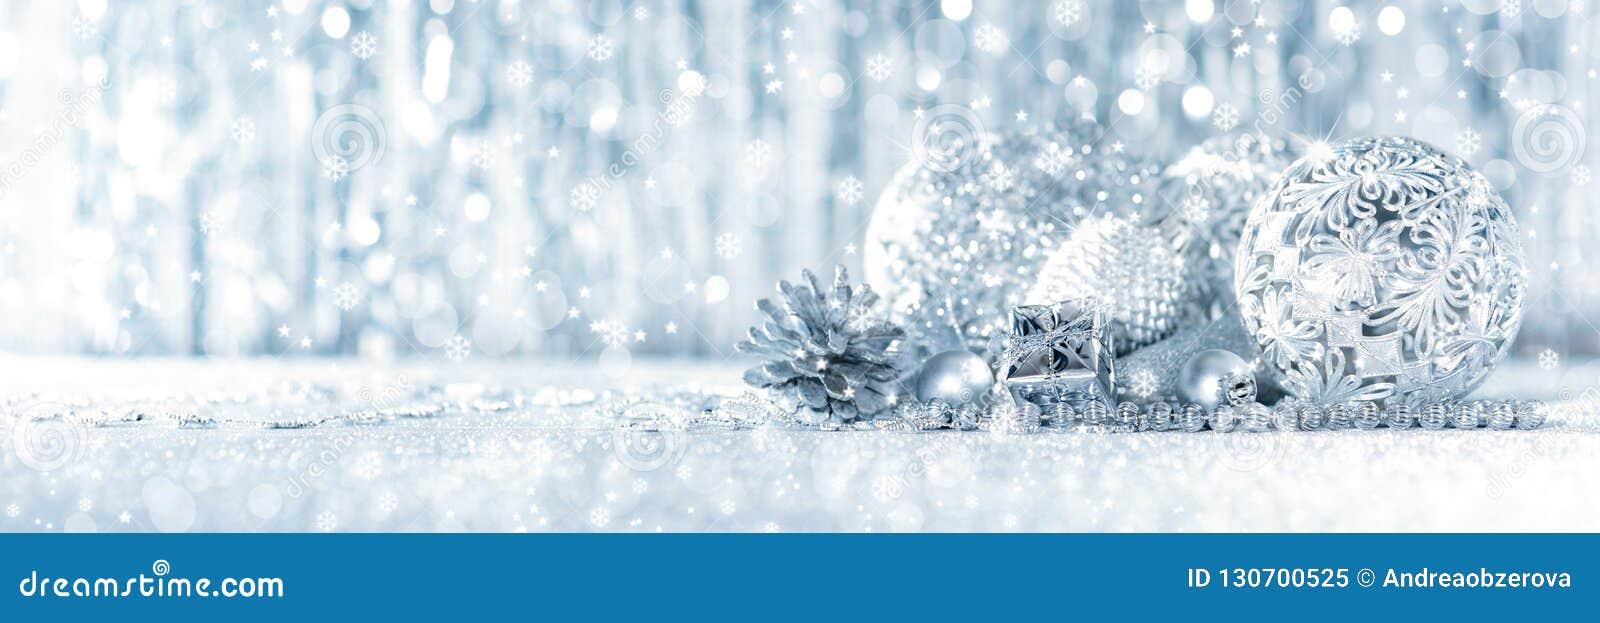 发光的银色圣诞礼物和美丽的装饰品,与defocused圣诞灯在背景中